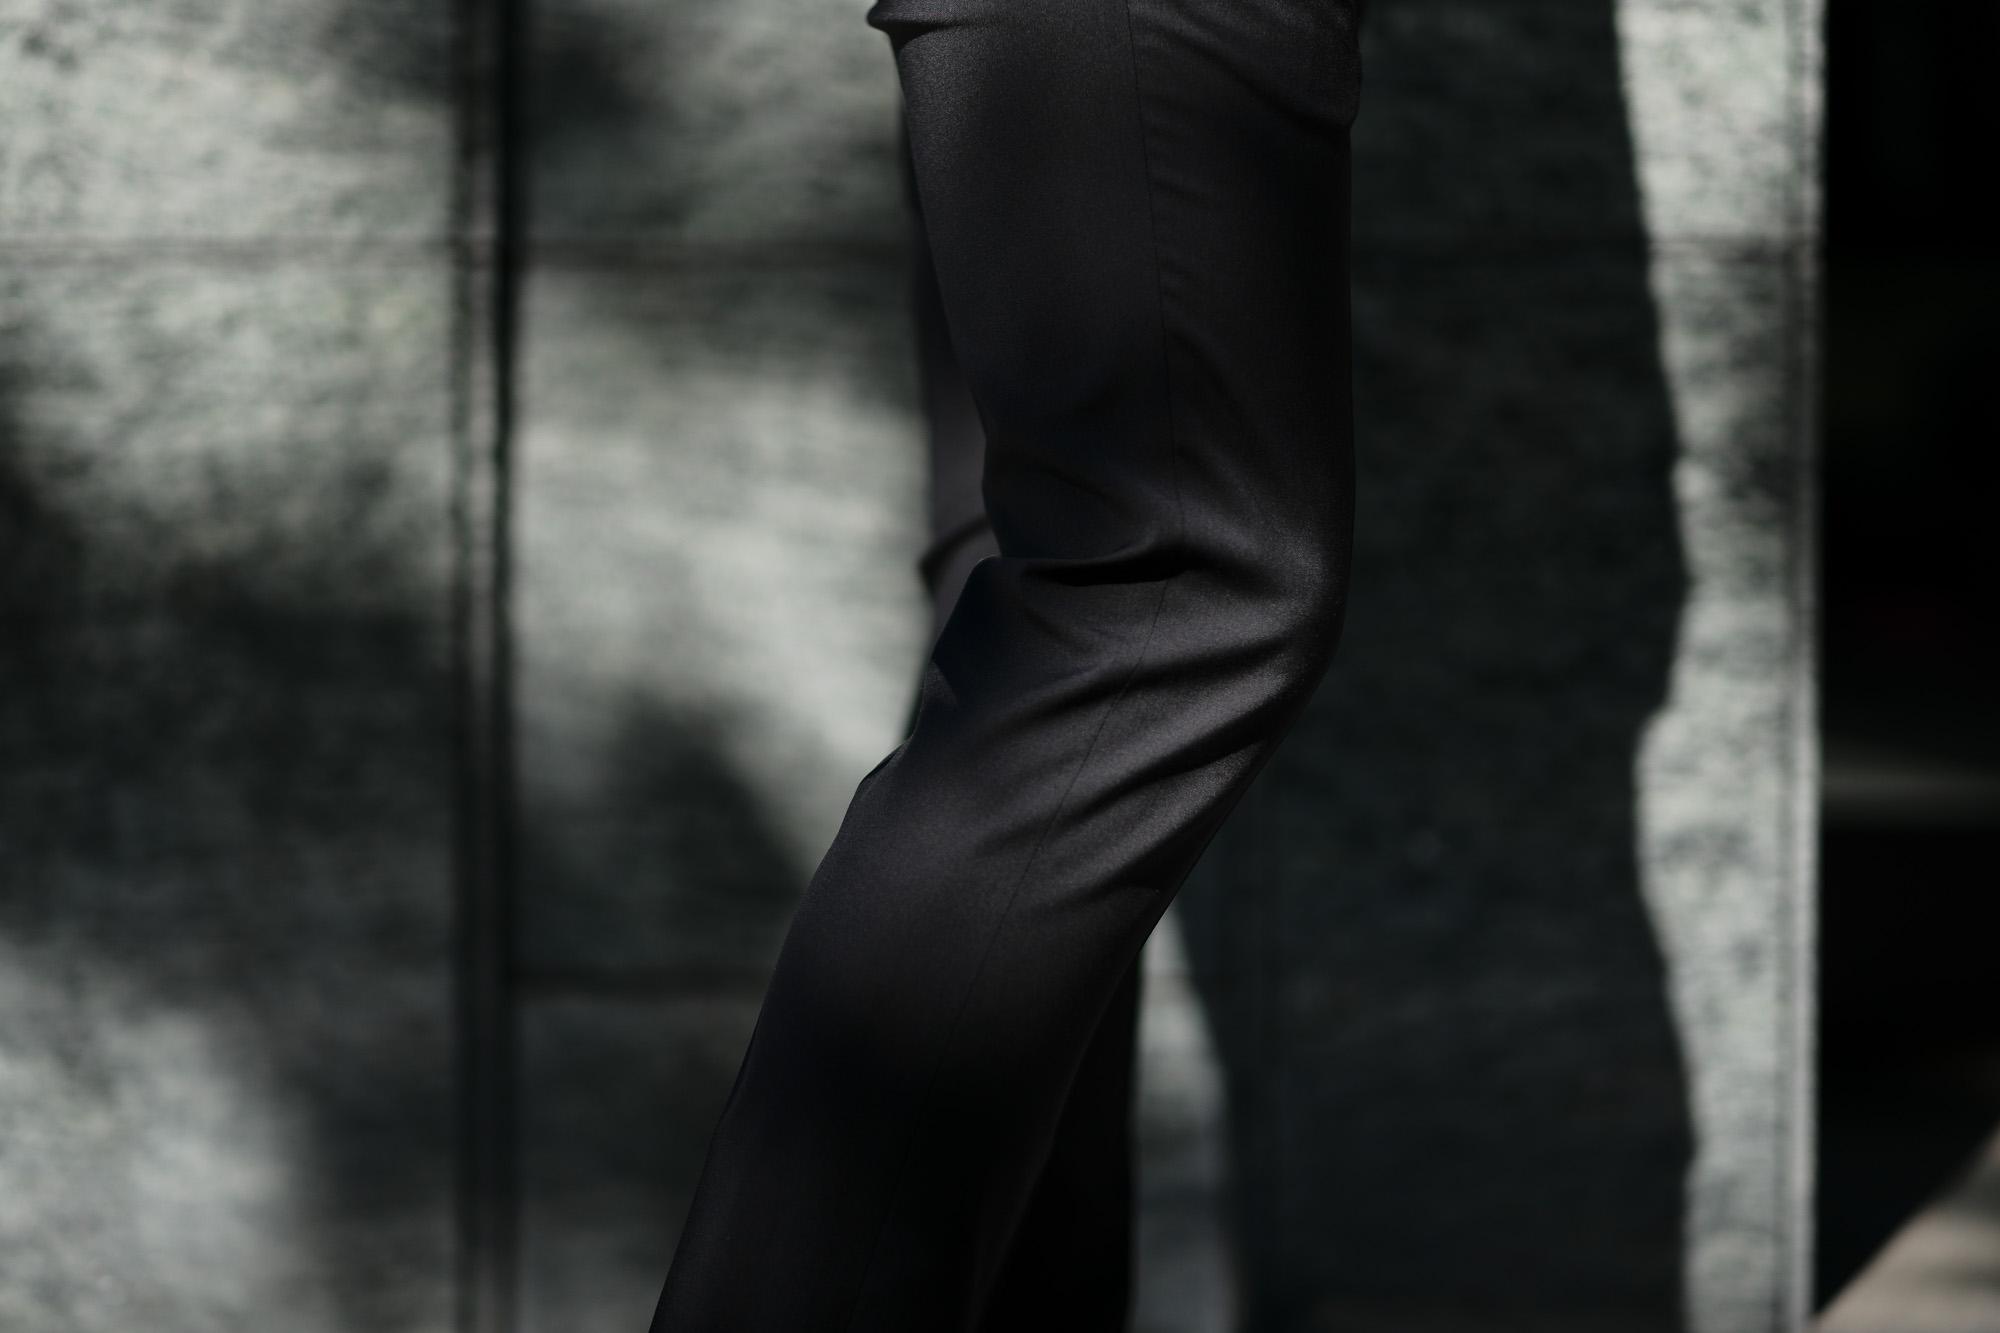 VIGANO (ヴィガーノ) WASHABLE SLACKS (ウォッシャブル スラックス) ウォッシャブル トロピカルウール テーパード ワンプリーツ パンツ BLACK (ブラック・998) 2019 春夏新作 スラックス グレスラ altoediritt 名古屋 愛知 アルトエデリット